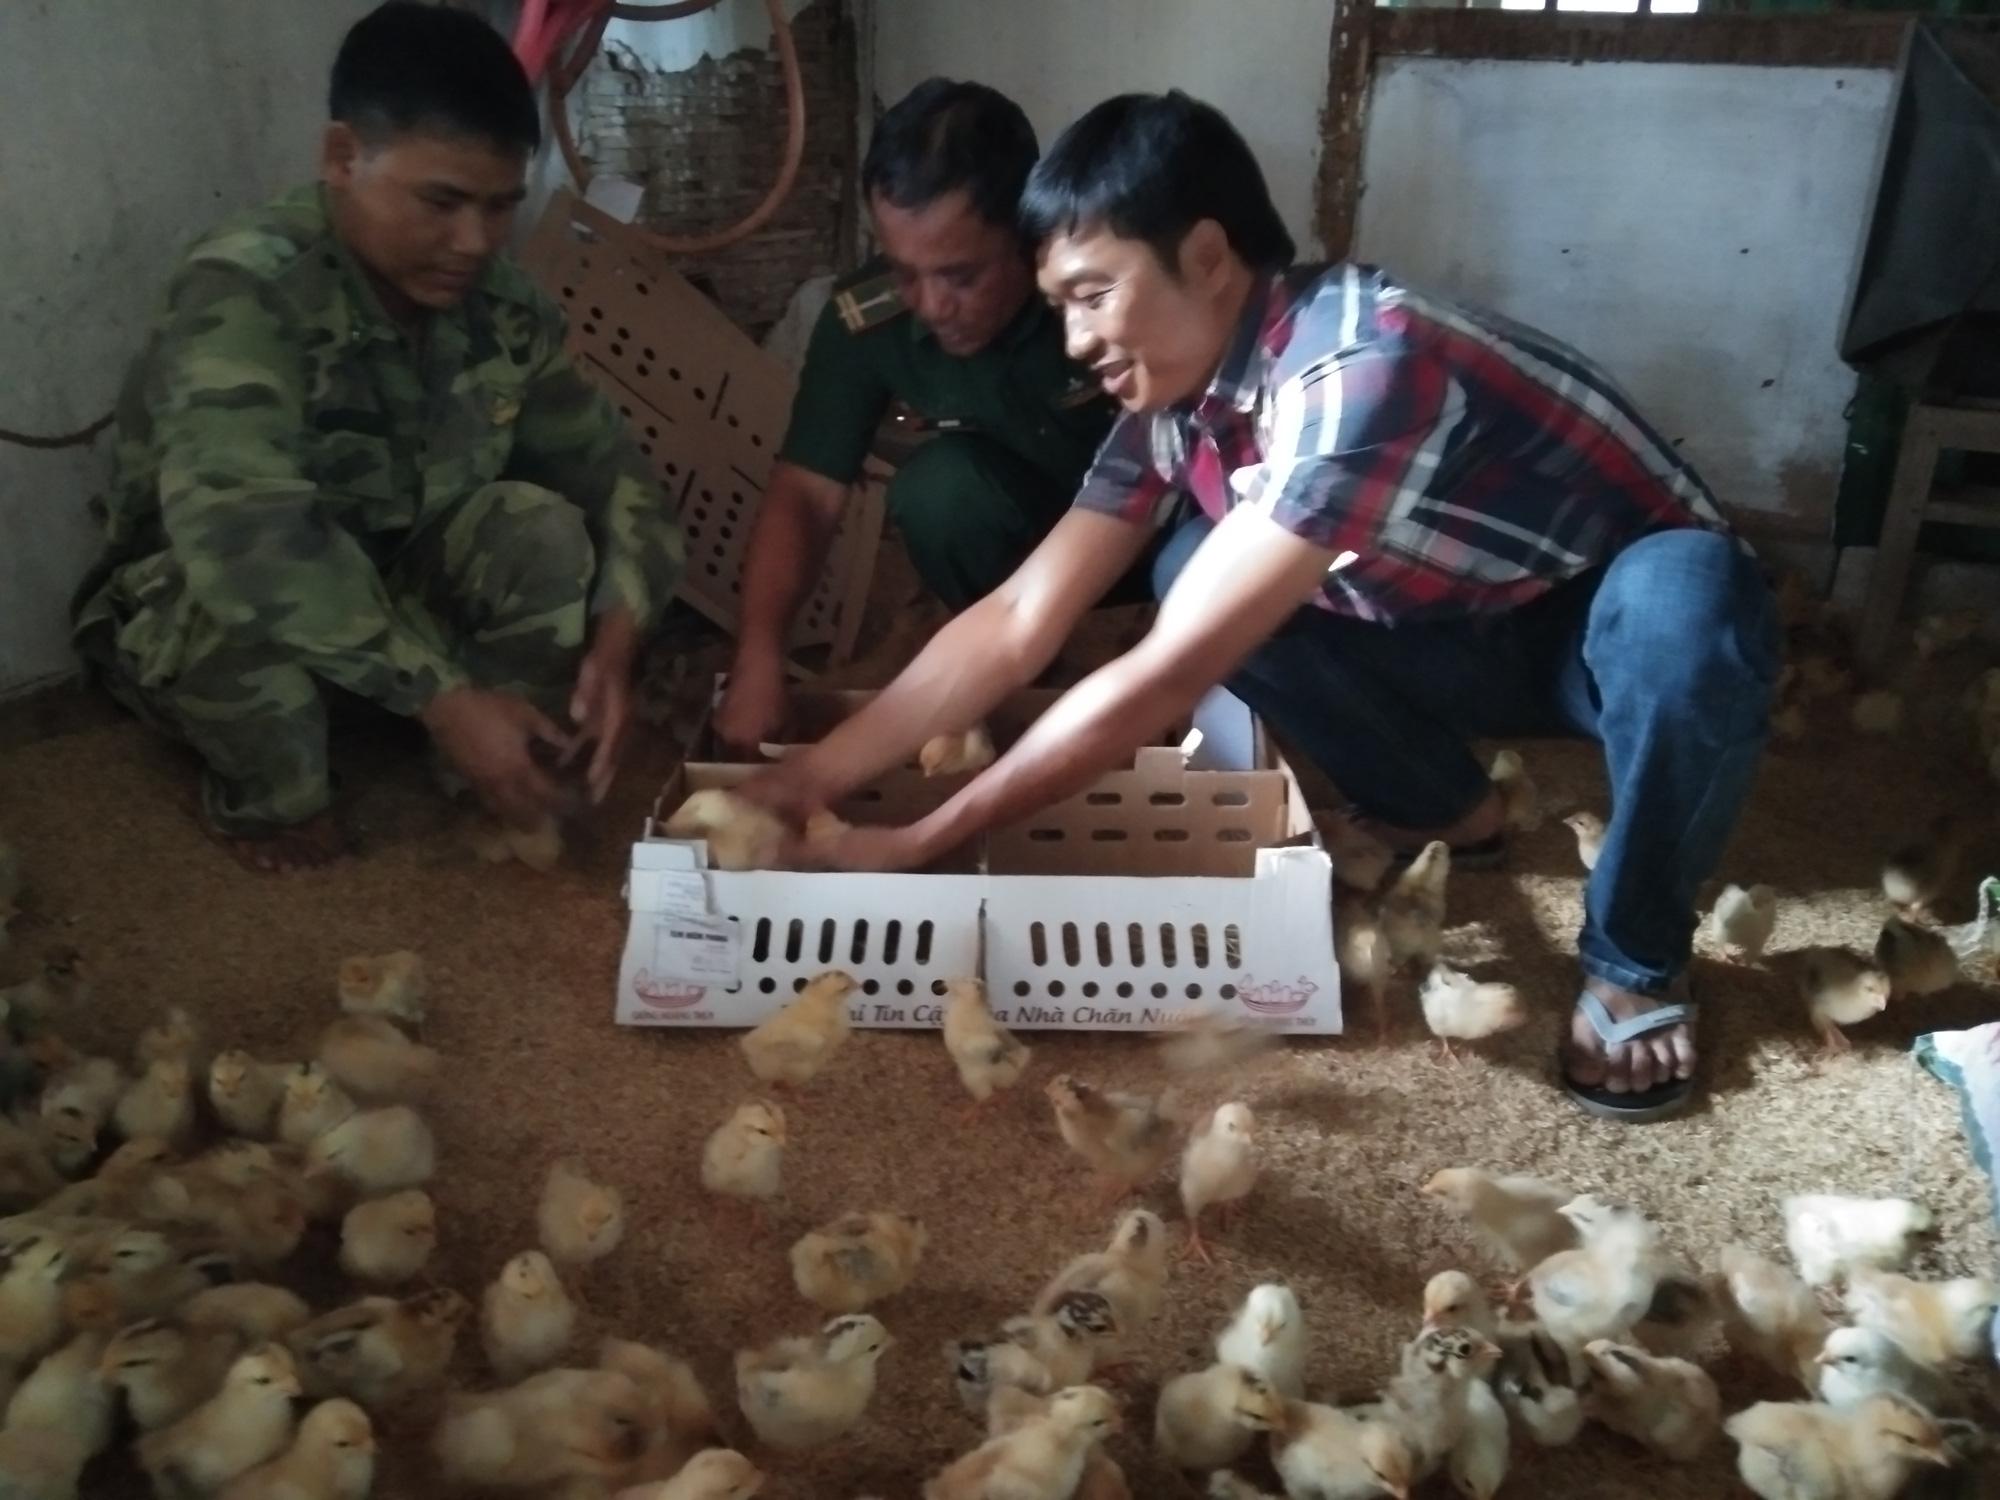 8X Quảng Trị tiết kiệm tiền, mua gà giống tặng người nghèo miền núi - Ảnh 1.